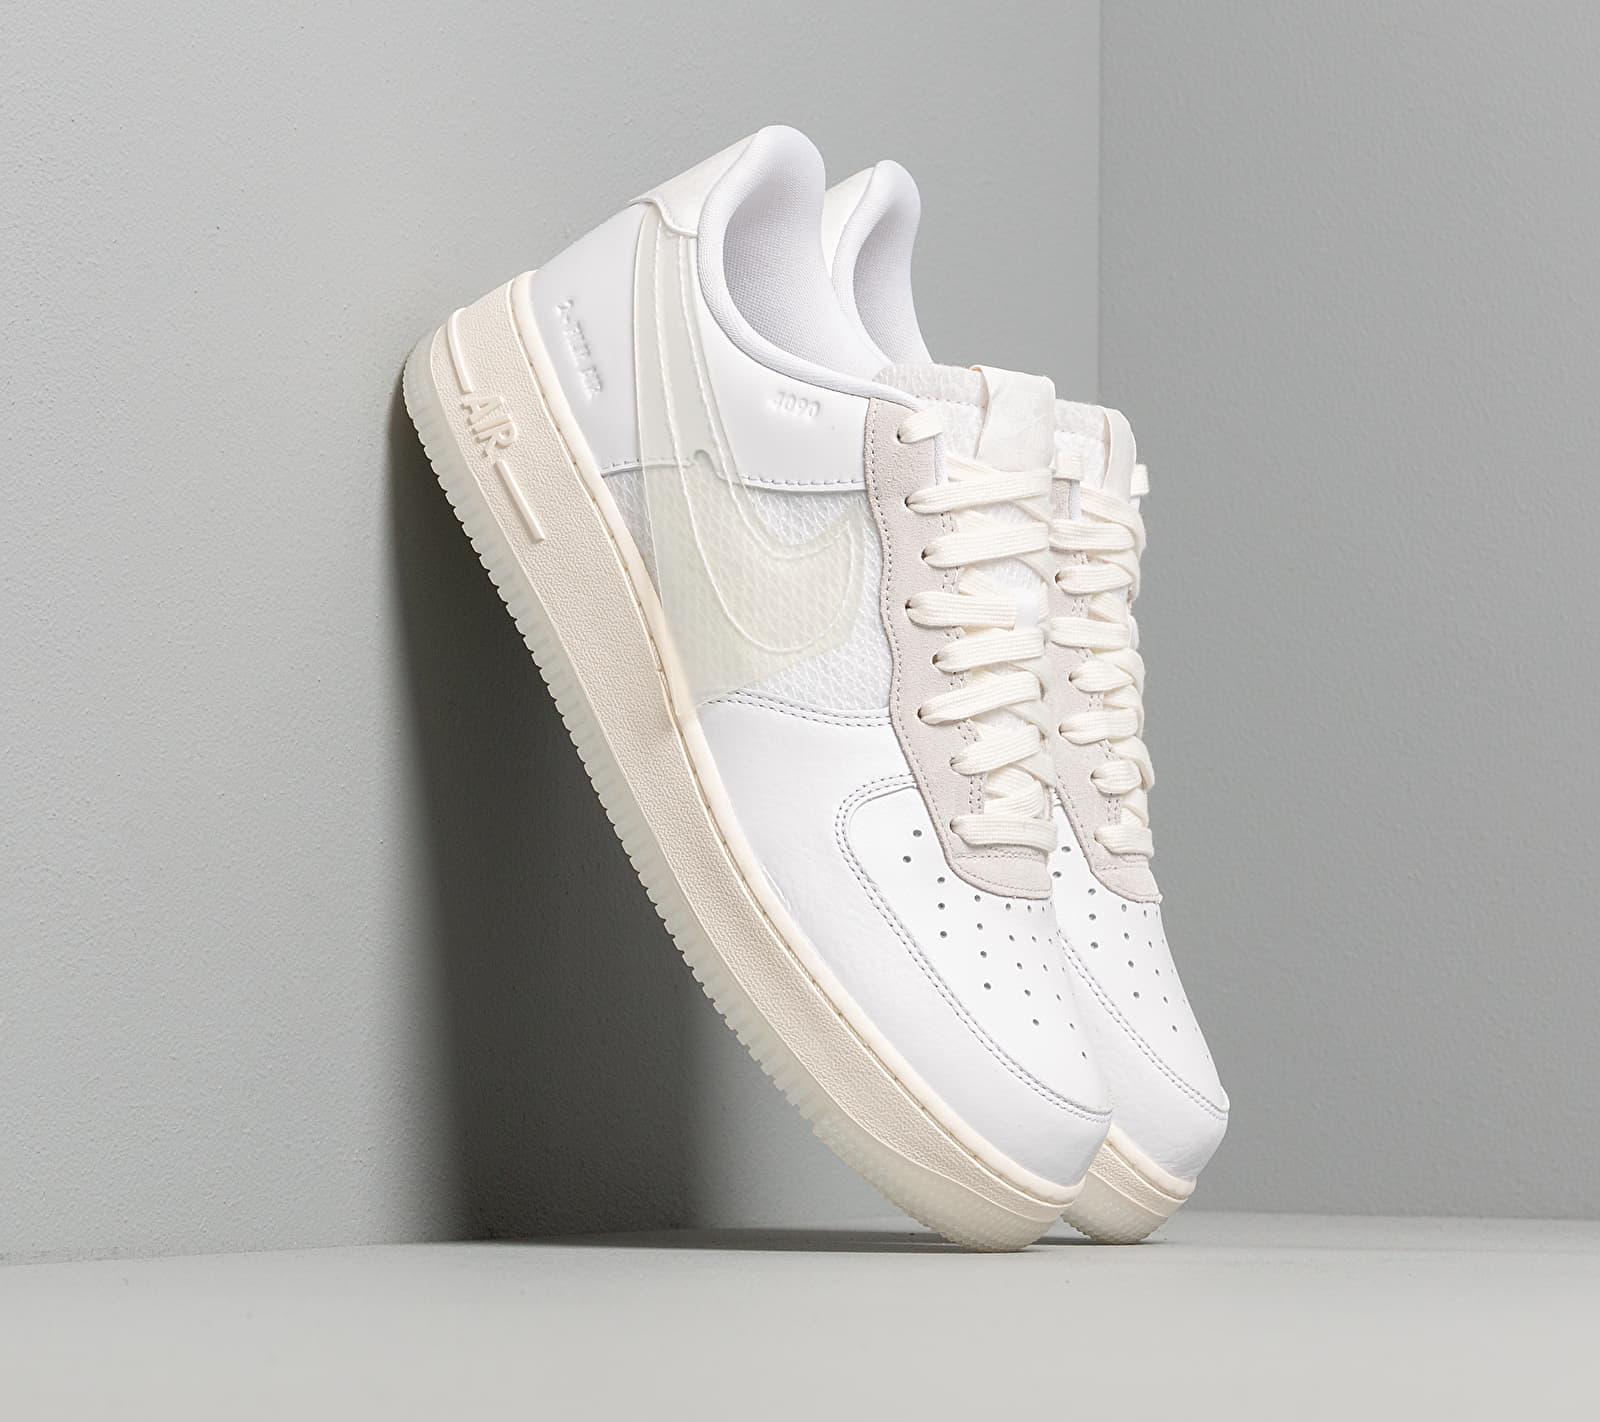 Nike Air Force 1 LV8 White/ White-Sail-Black EUR 46